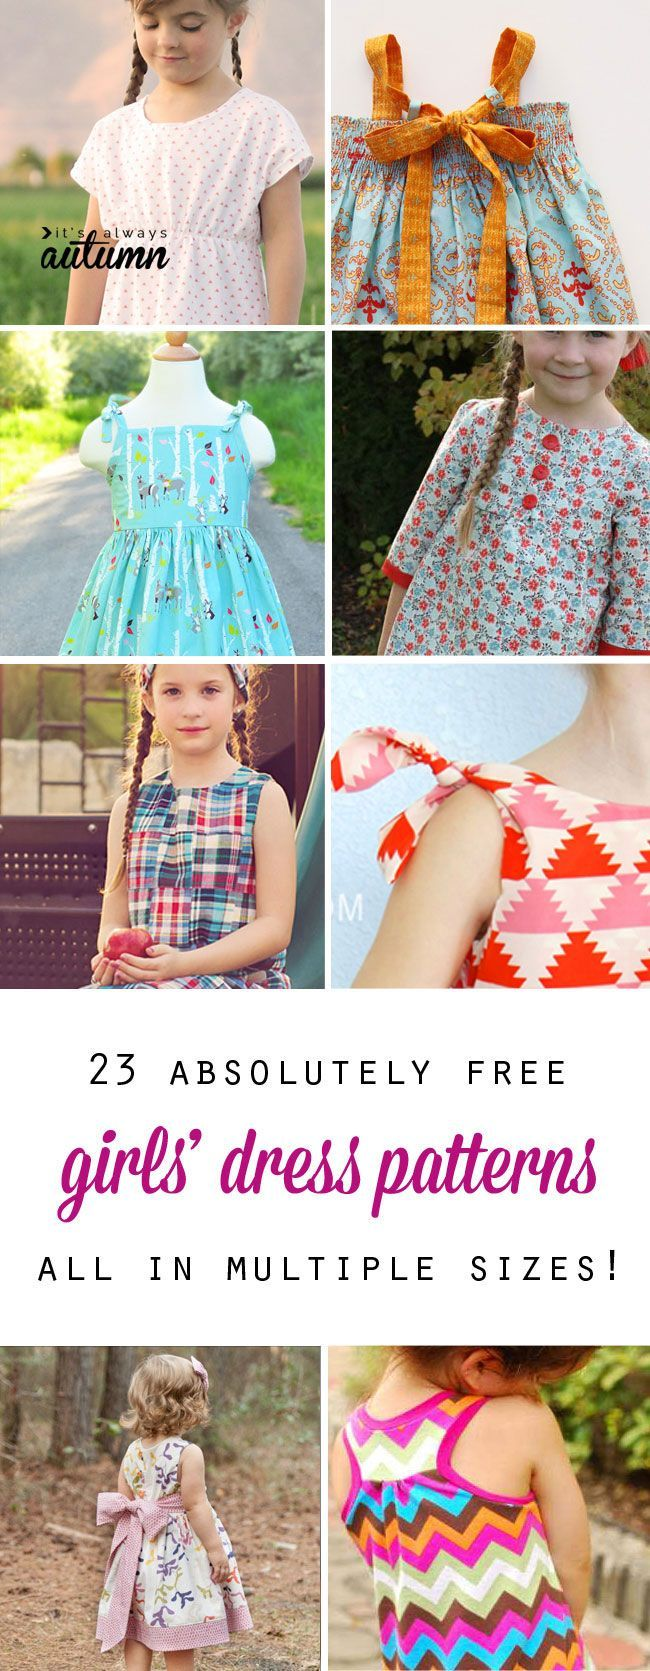 Énorme collection de petites robes d'été pour les petites filles!